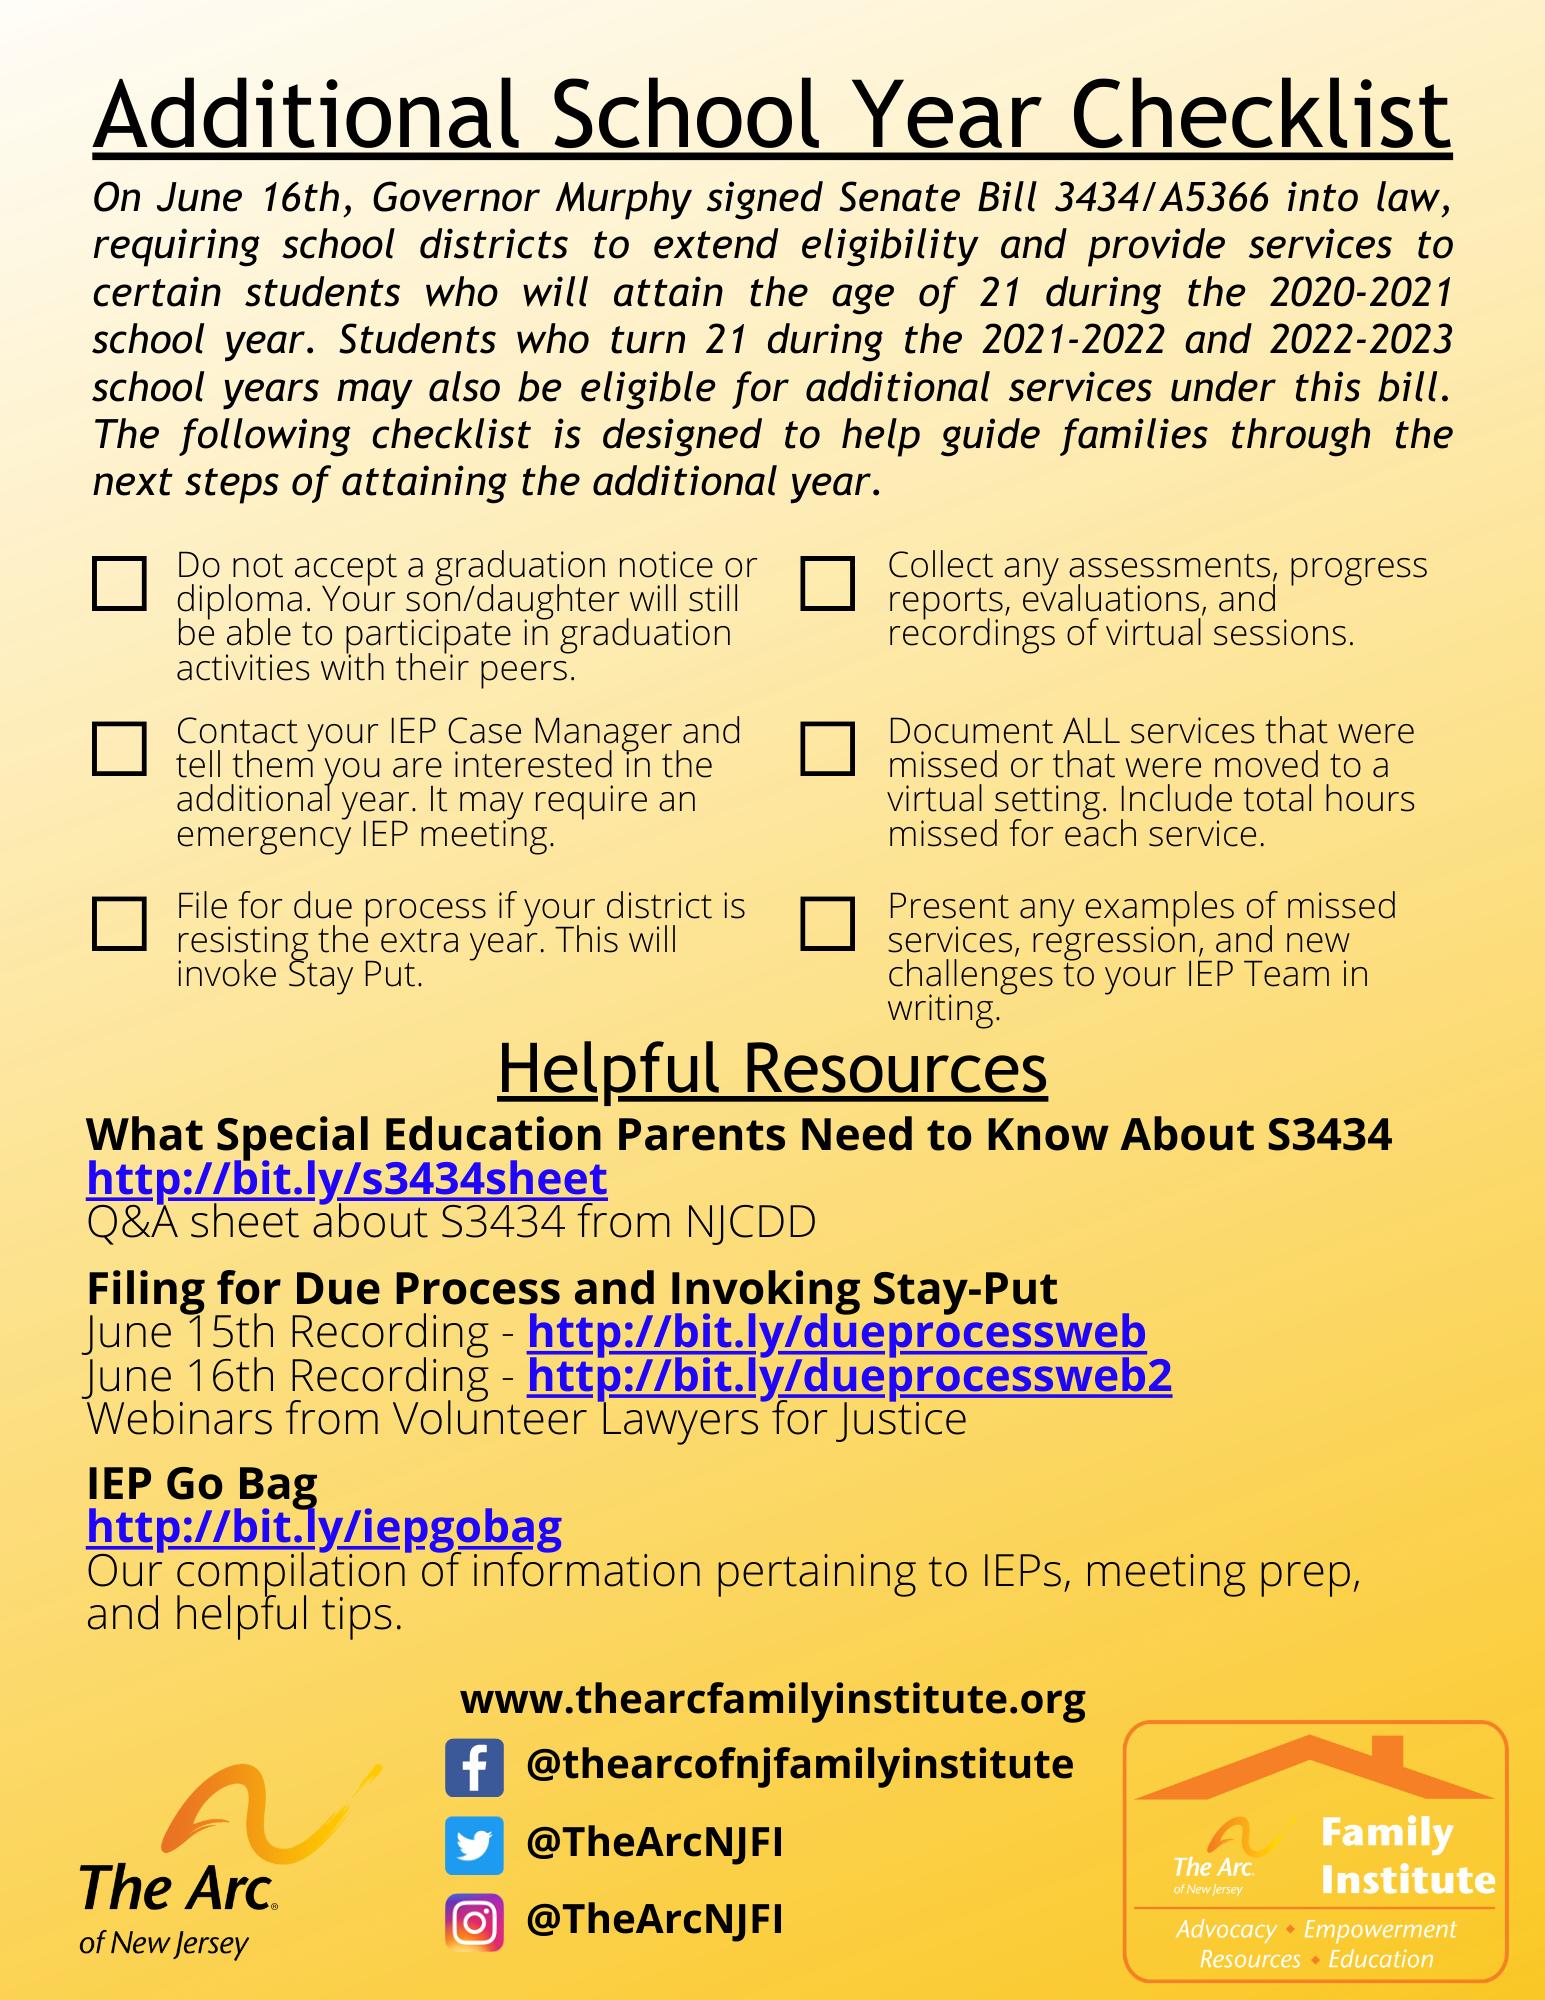 S3434 Additional School Year Checklist